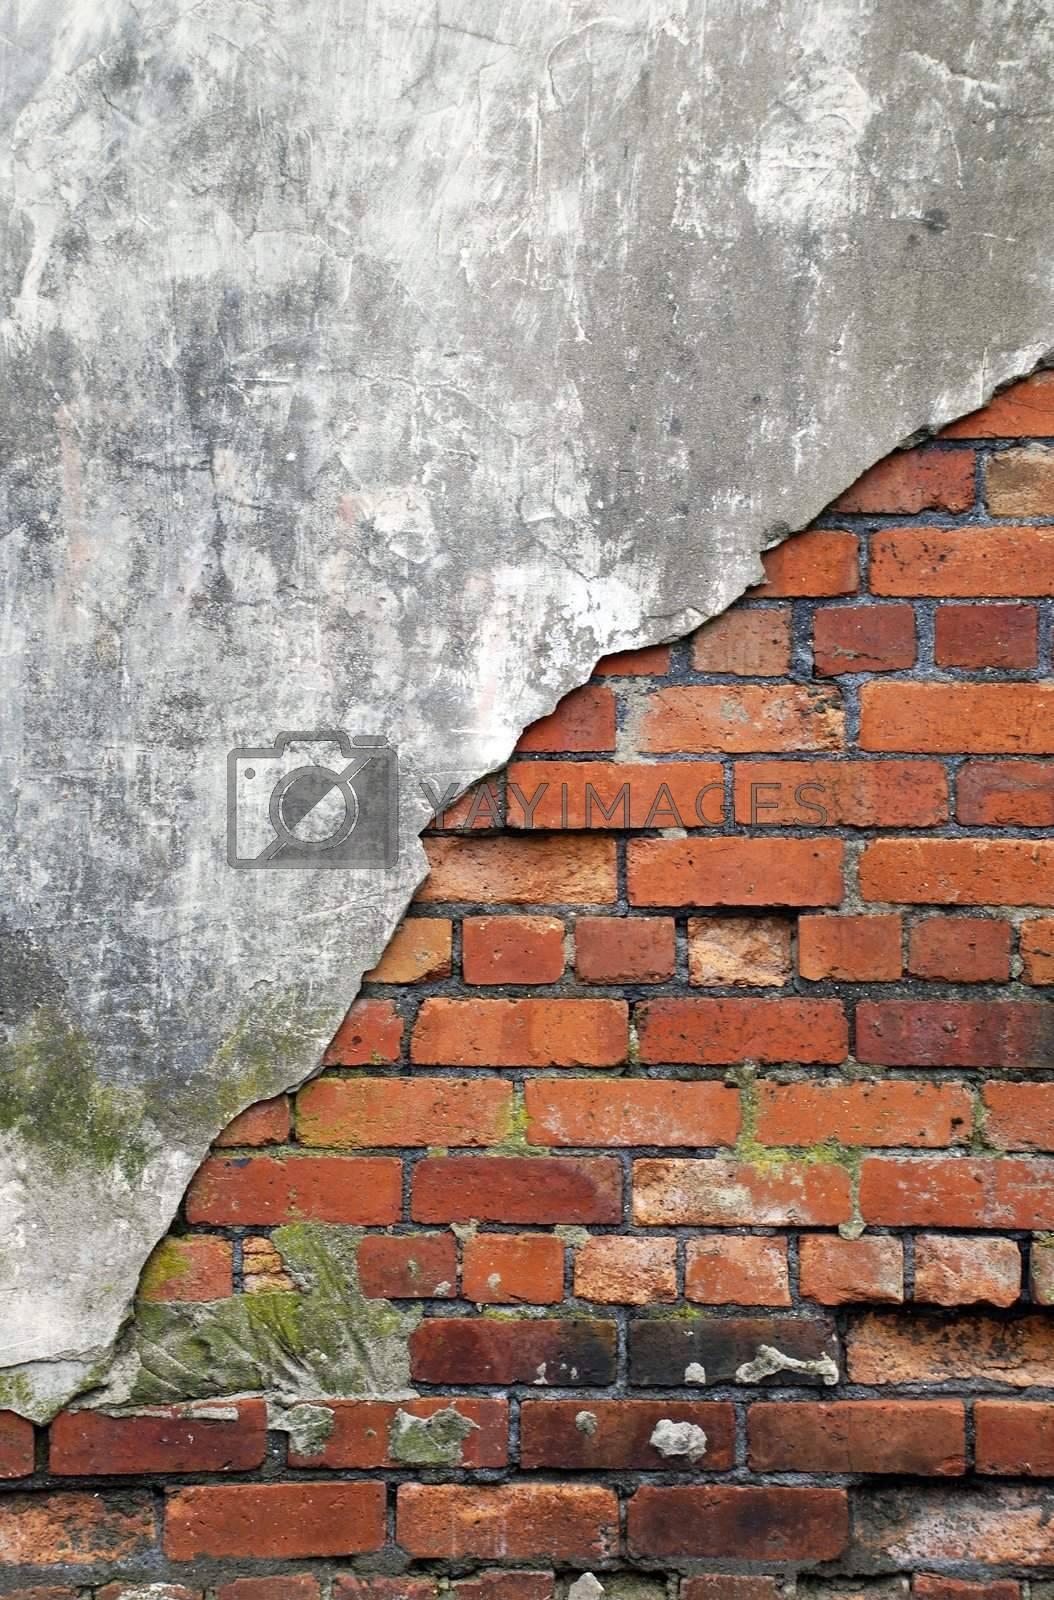 bricks and mortar by massman